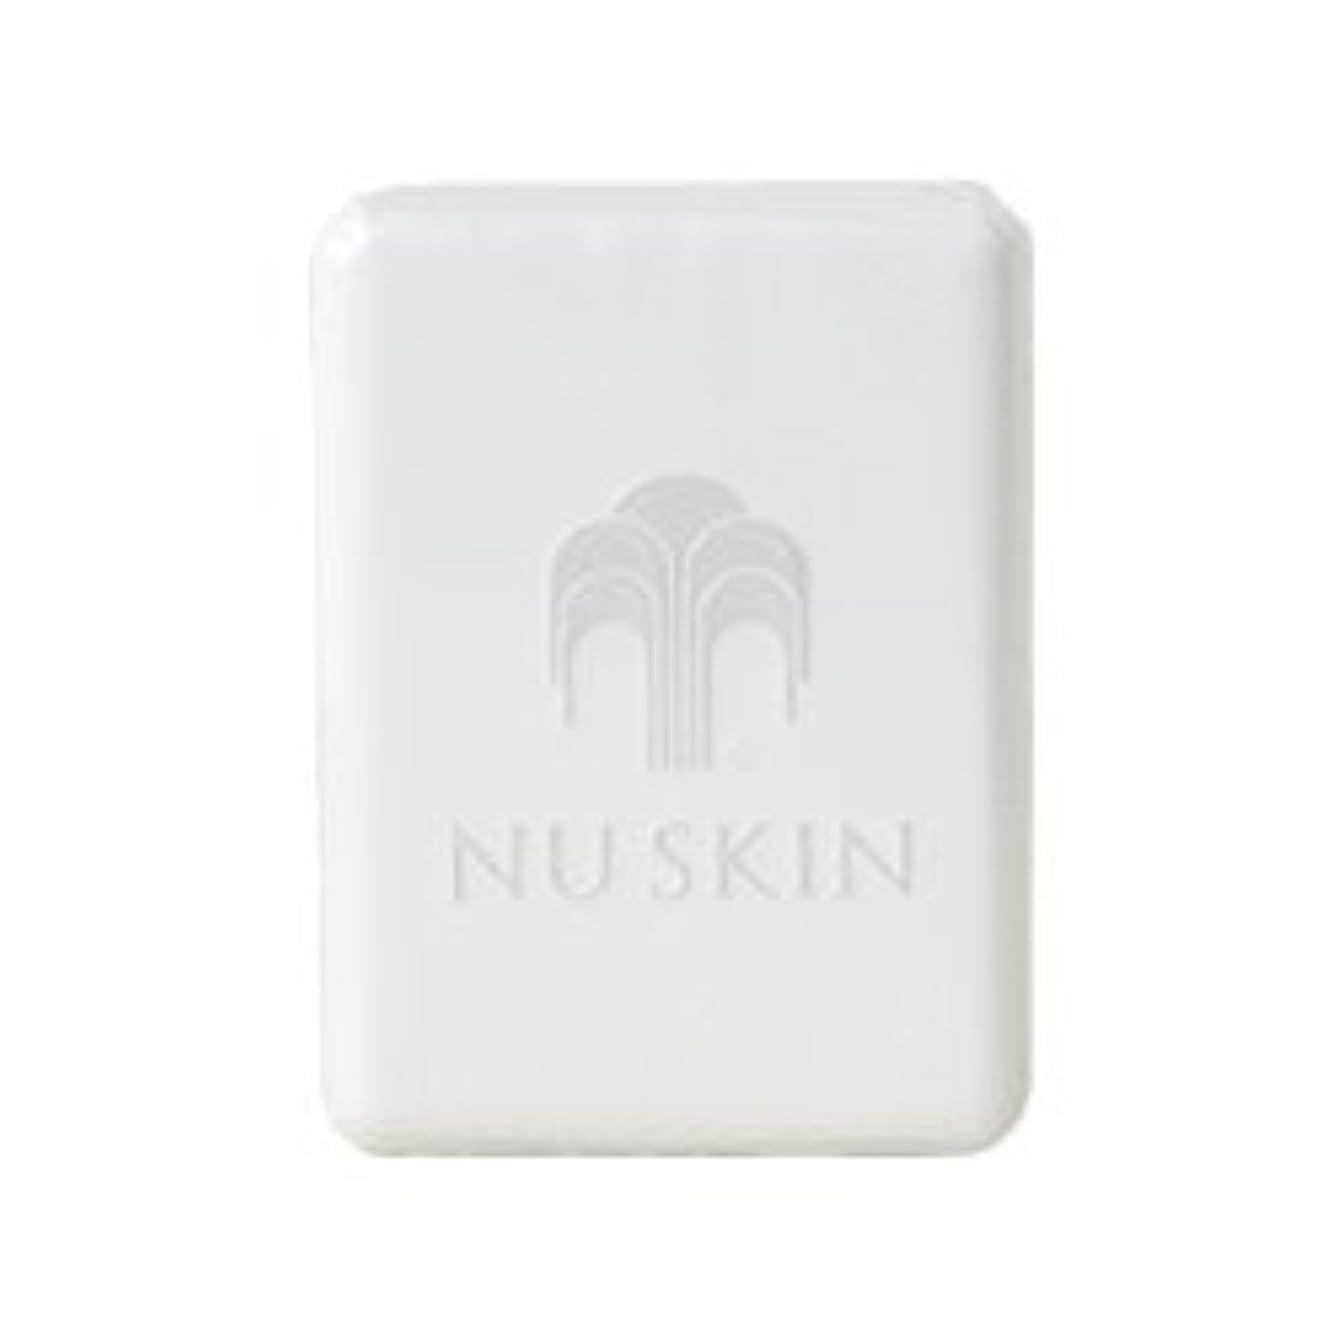 稼ぐ成功トークンニュースキン NU SKIN ボディーバー 03110353